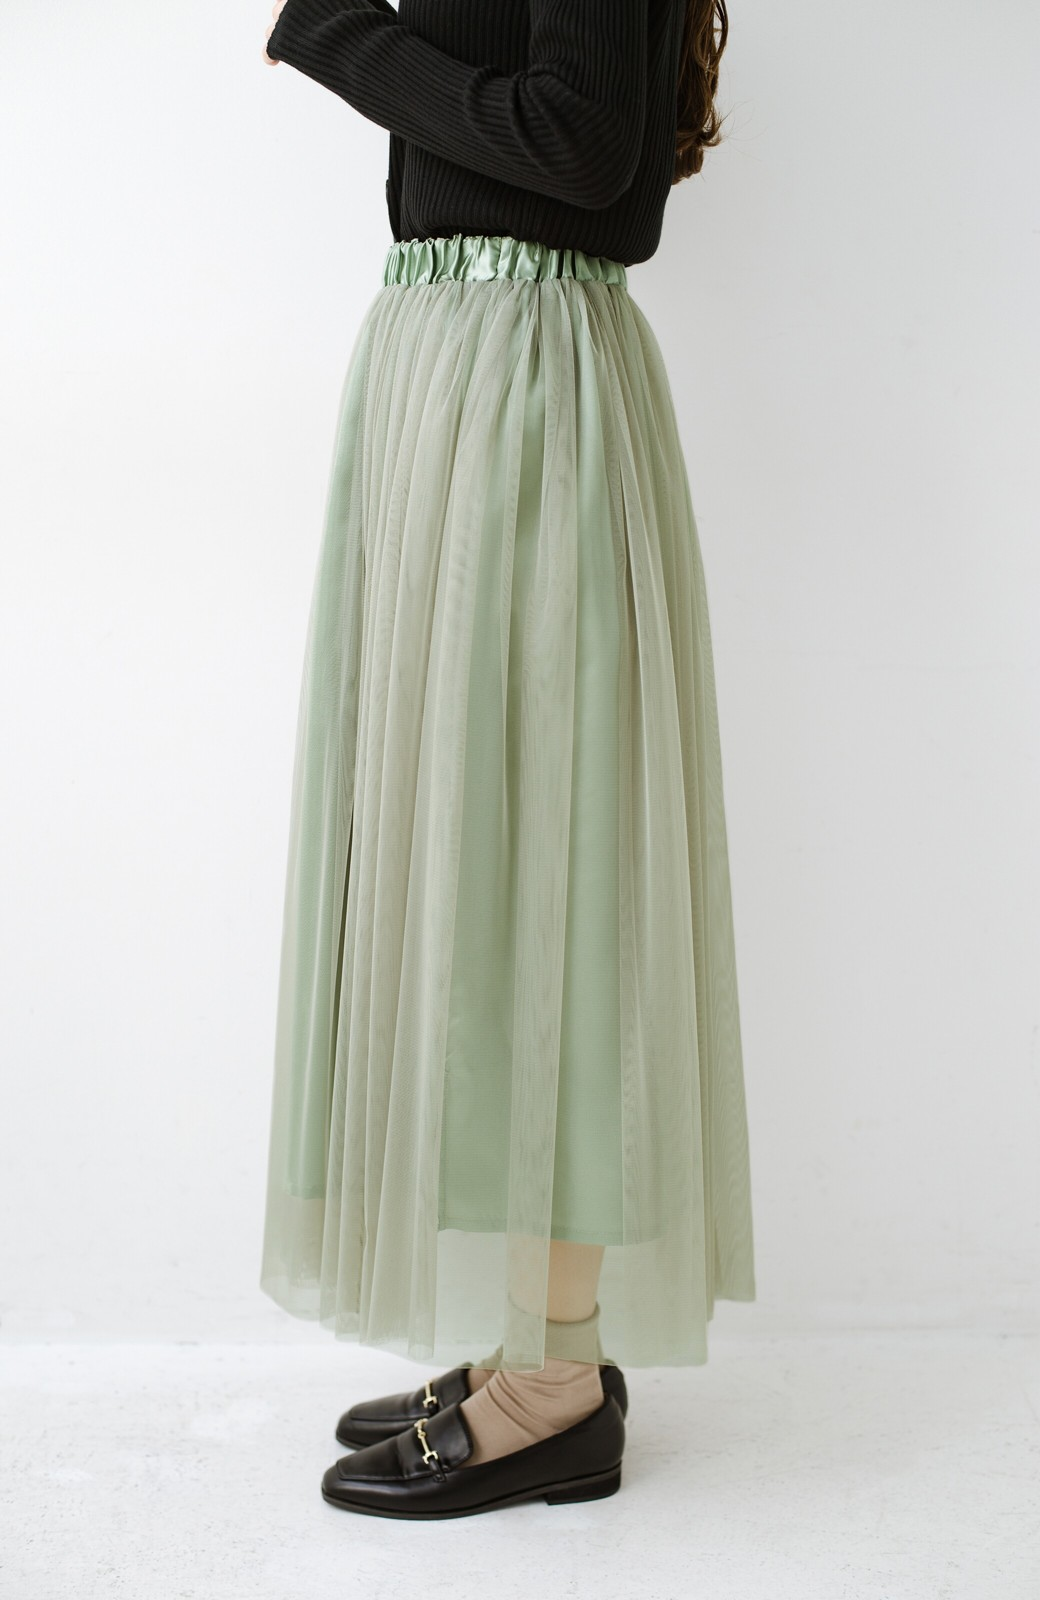 haco! 着るだけでルンとした気分になる! 長ーーい季節着られてずっと使えるオトナのためのチュールスカート <グリーン>の商品写真10